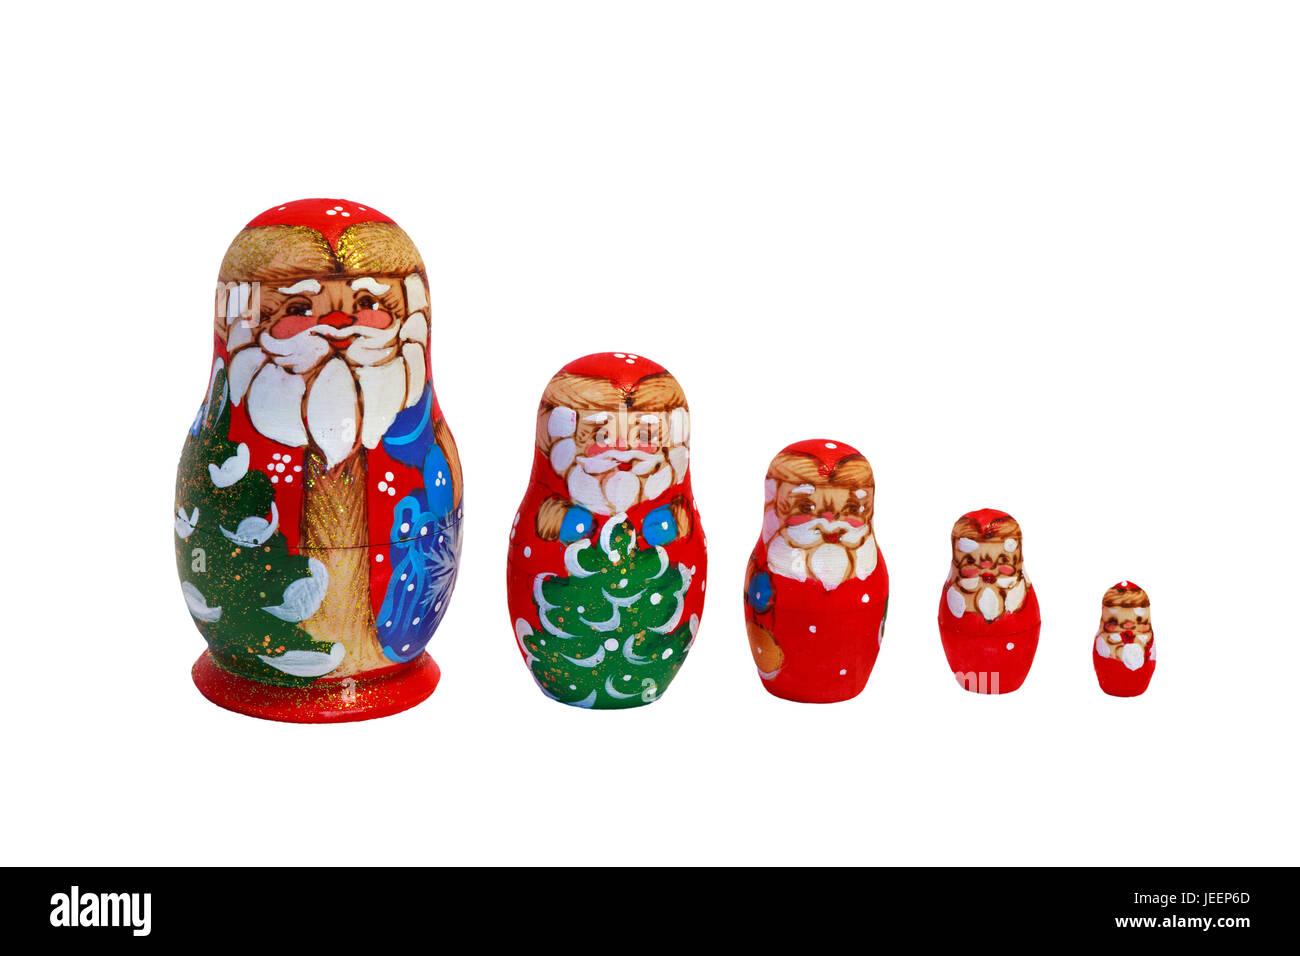 Um Weihnachten.Weihnachten Matrjoschka Puppen Eine Sammlung Von Russischen